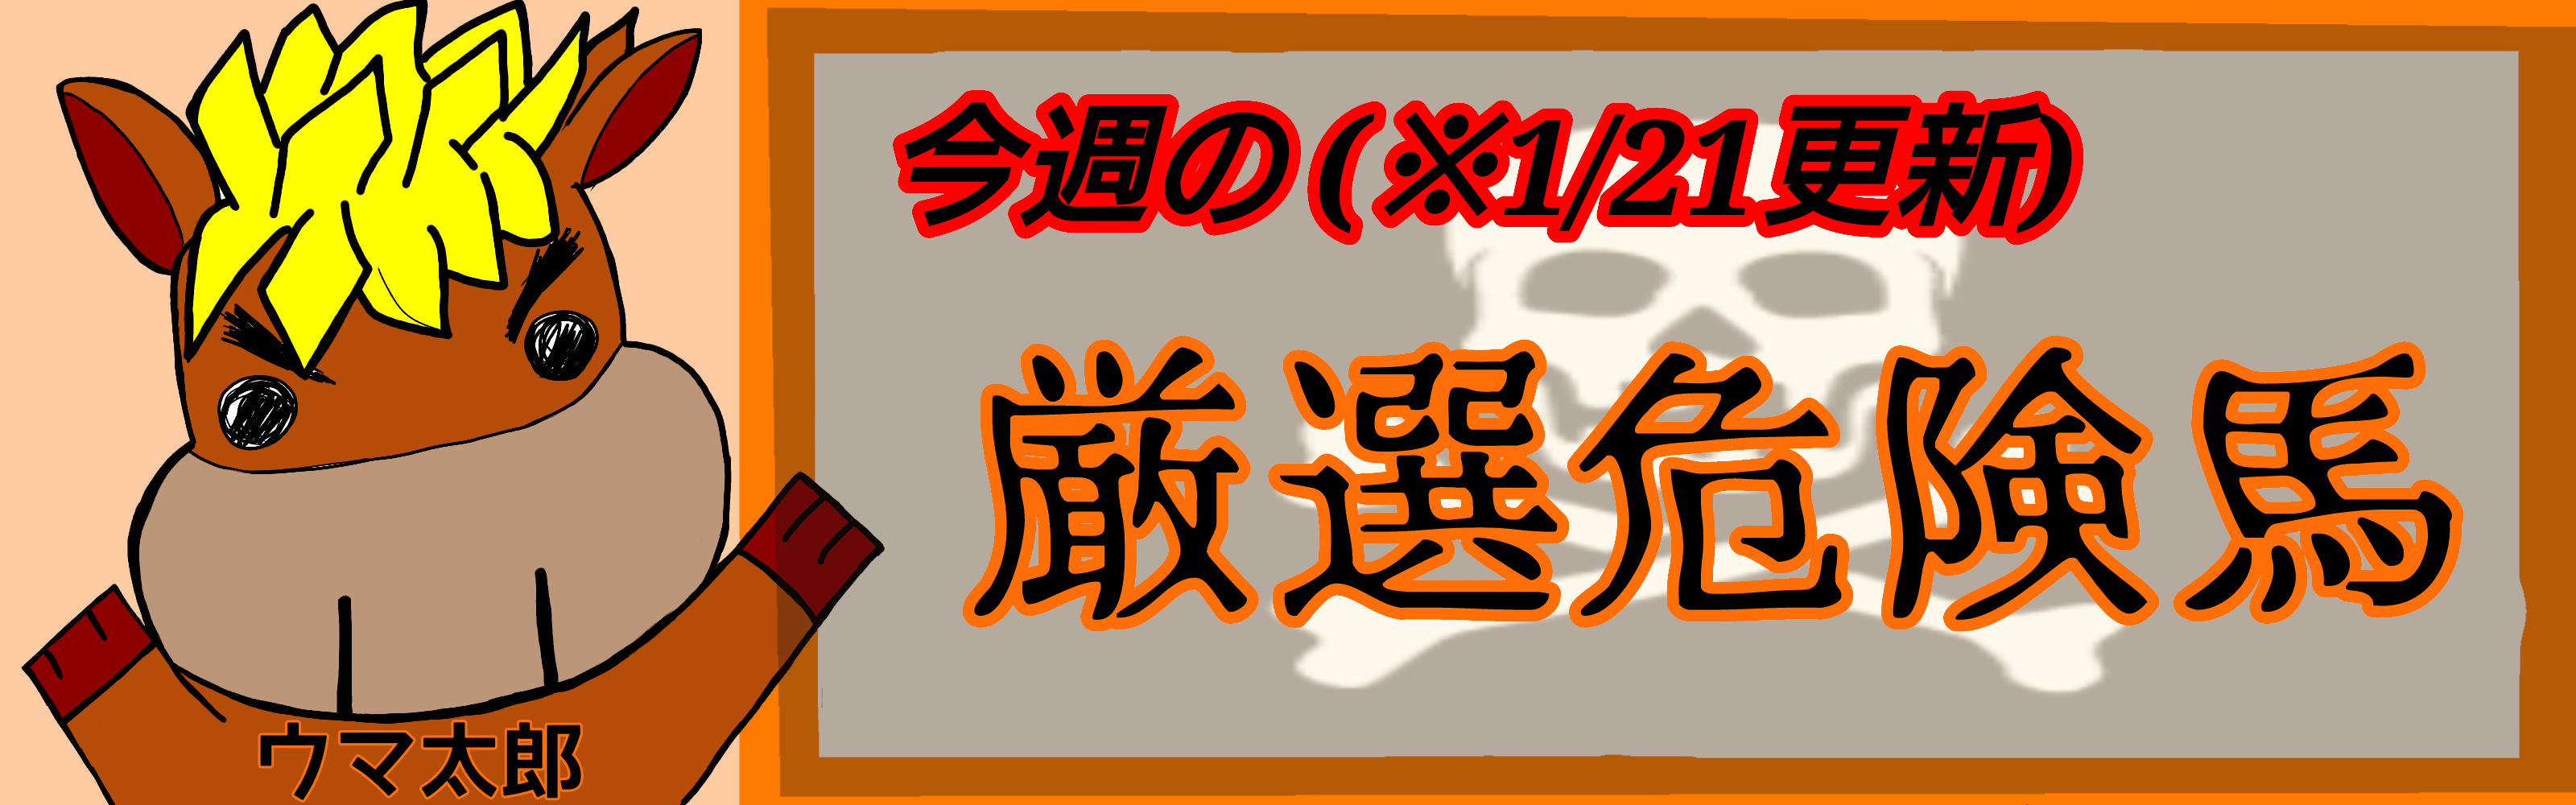 ※1/21更新 今週の厳選危険馬